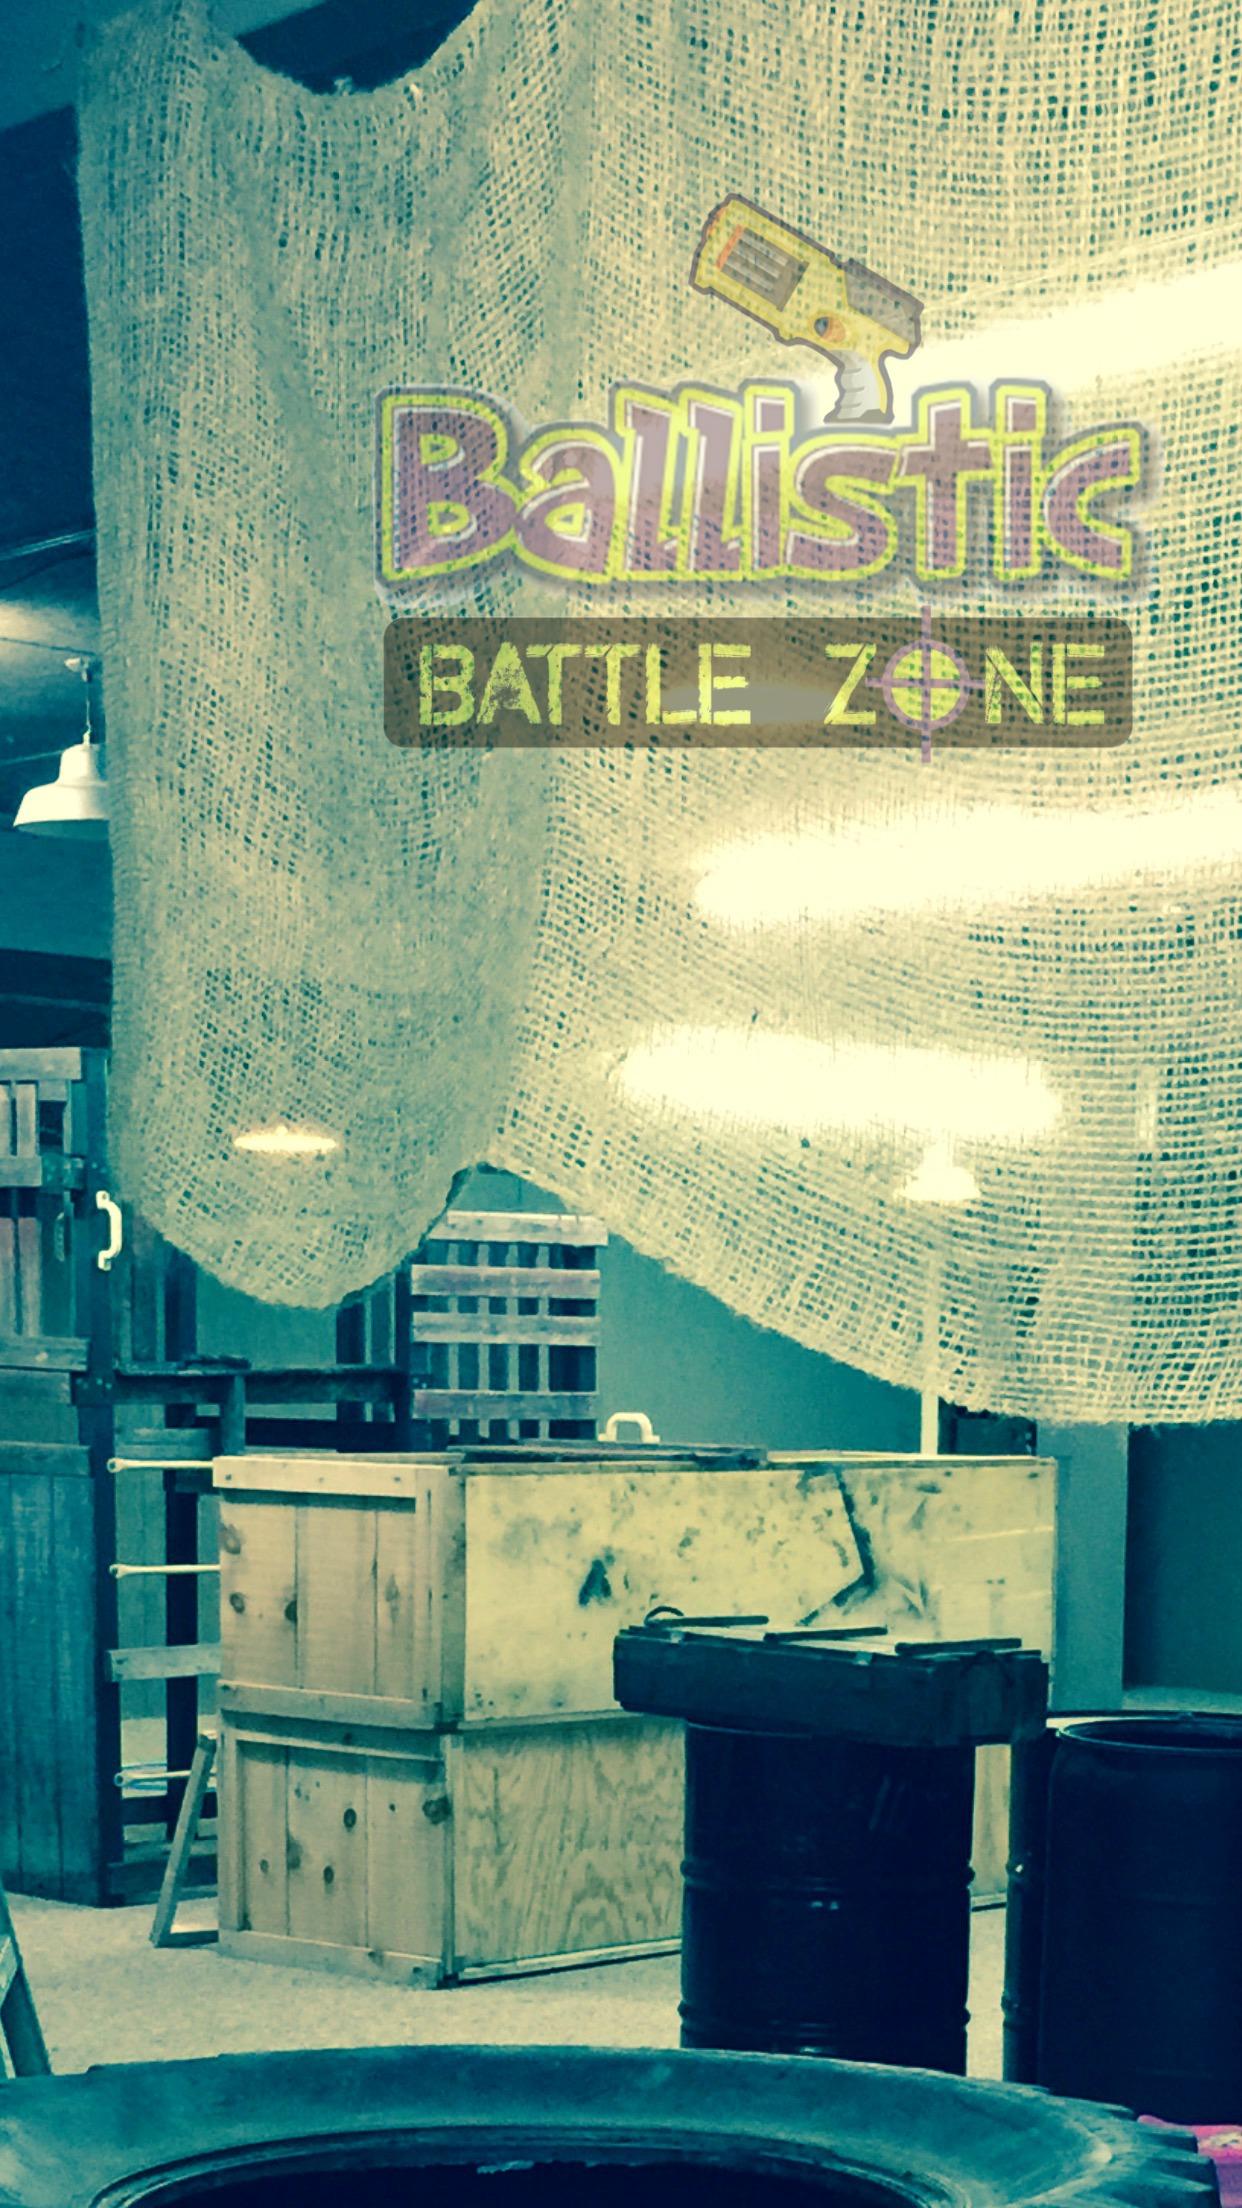 Inside the Ballistic Battle Zone